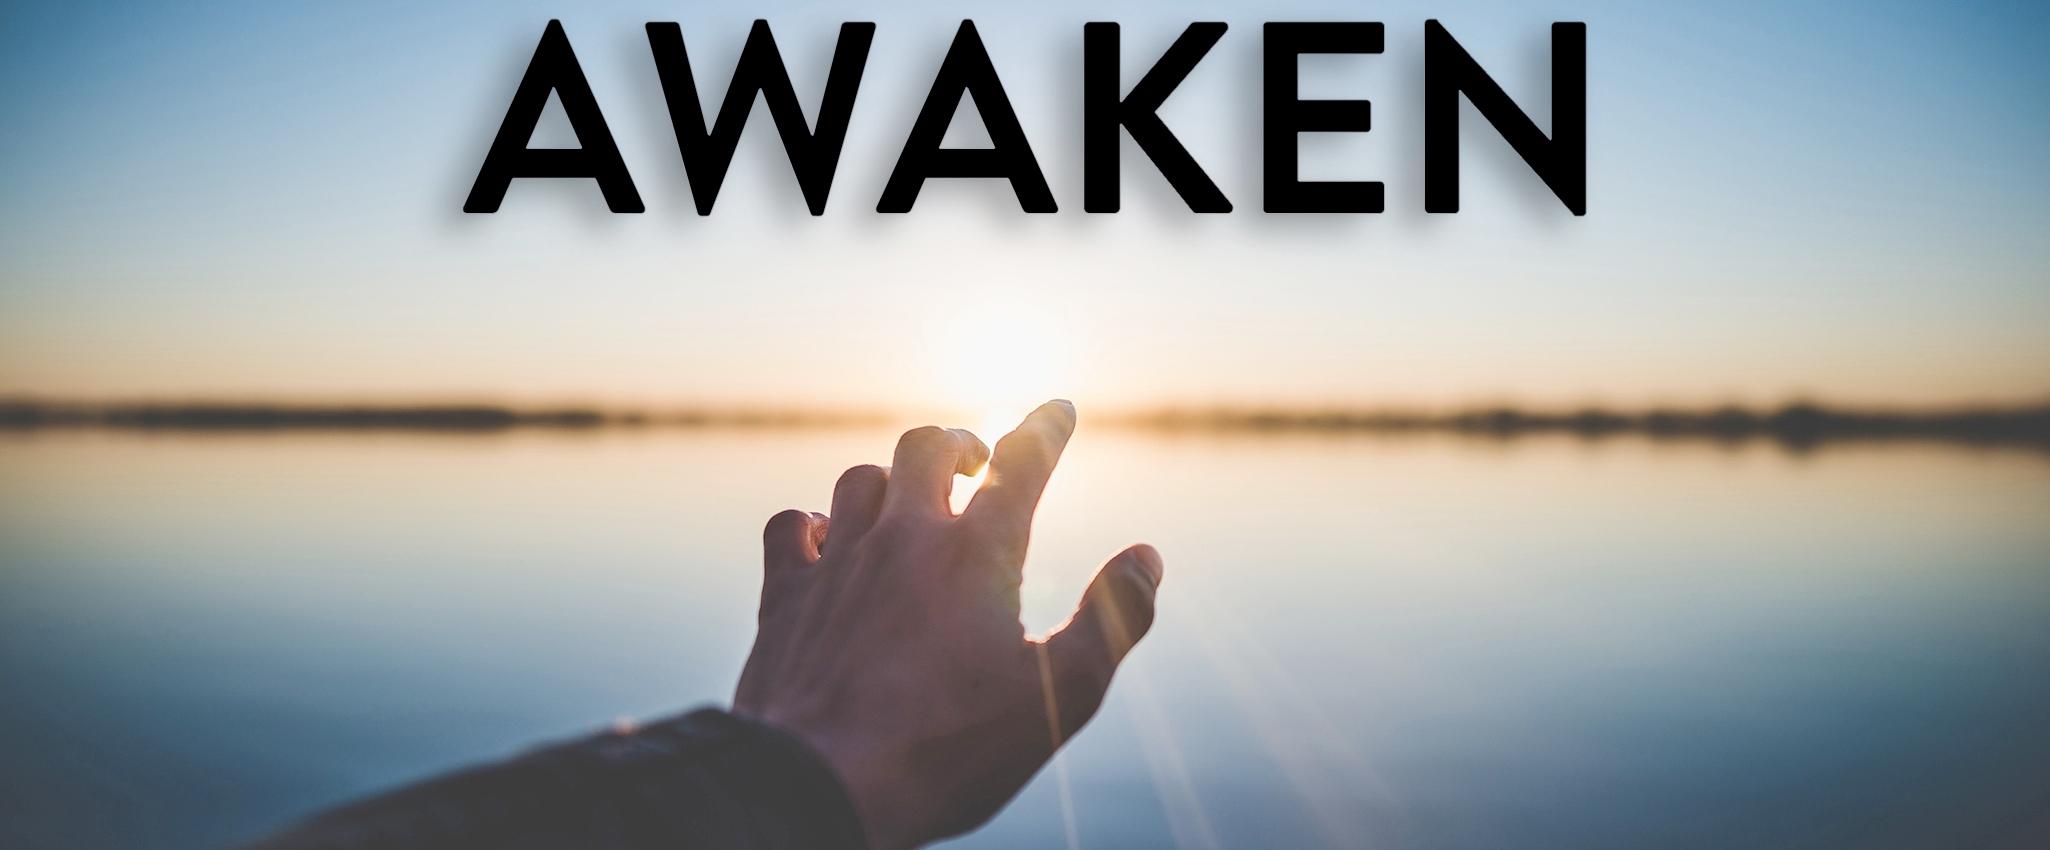 Awaken final.jpg